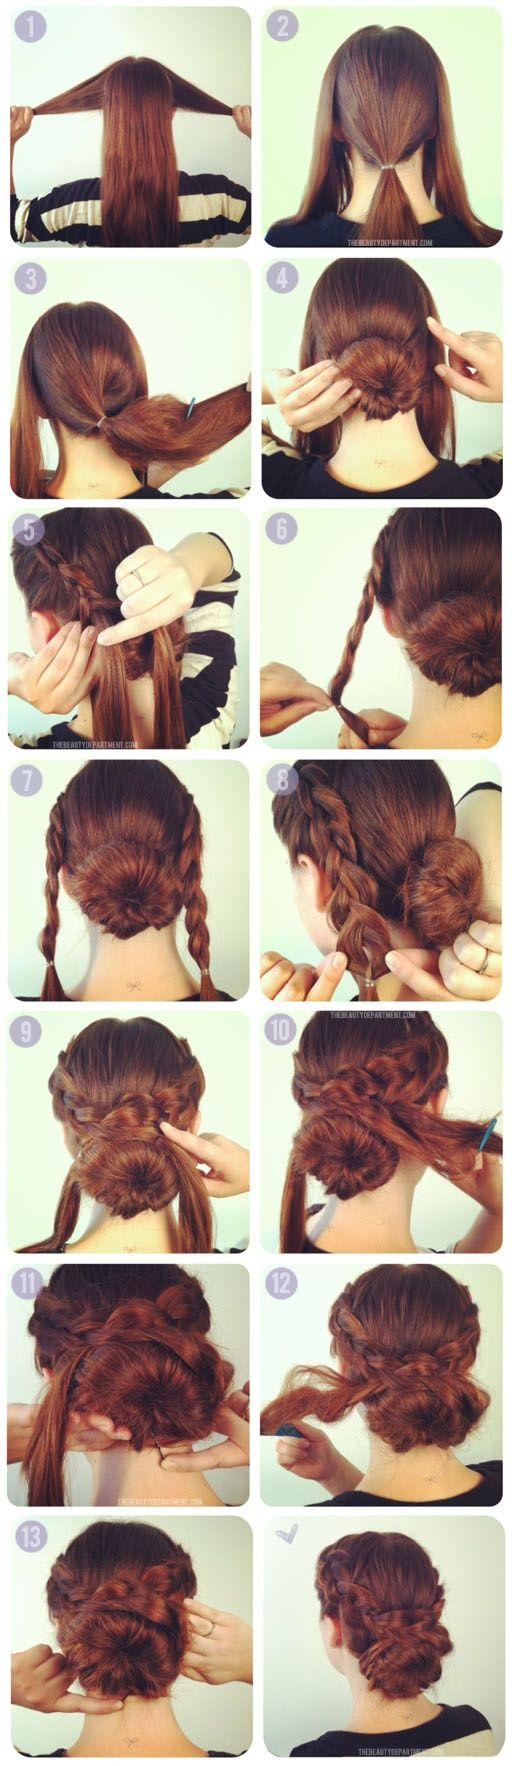 Popular Pix - coiffure - tresse - chignon